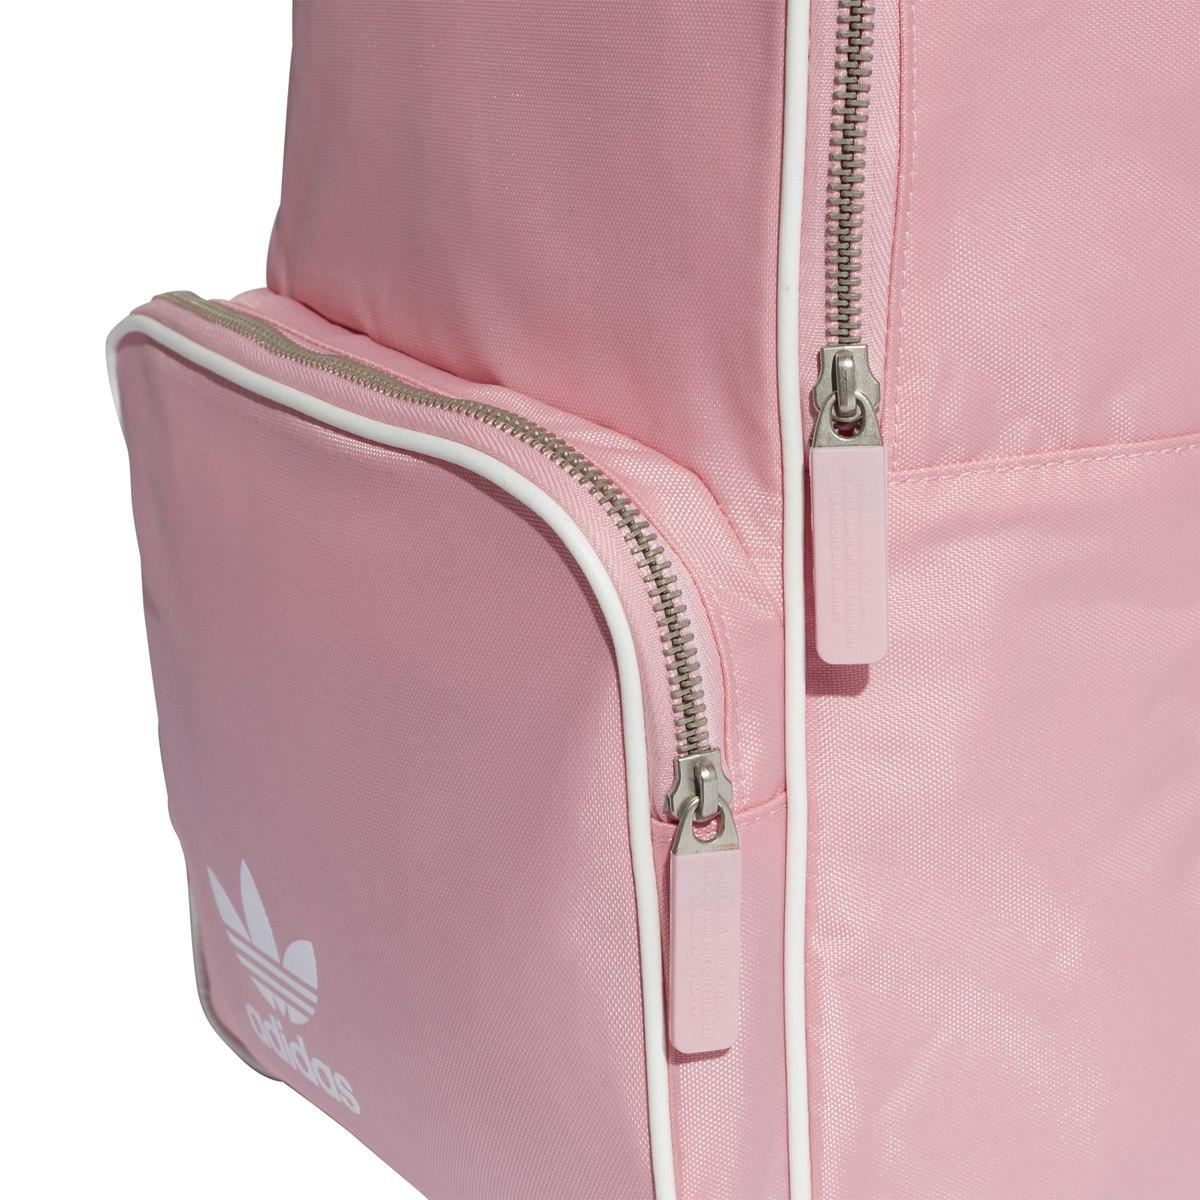 26c657e529 Cargando zoom... mochila adidas originals moda classic adicolor mujer rs bl